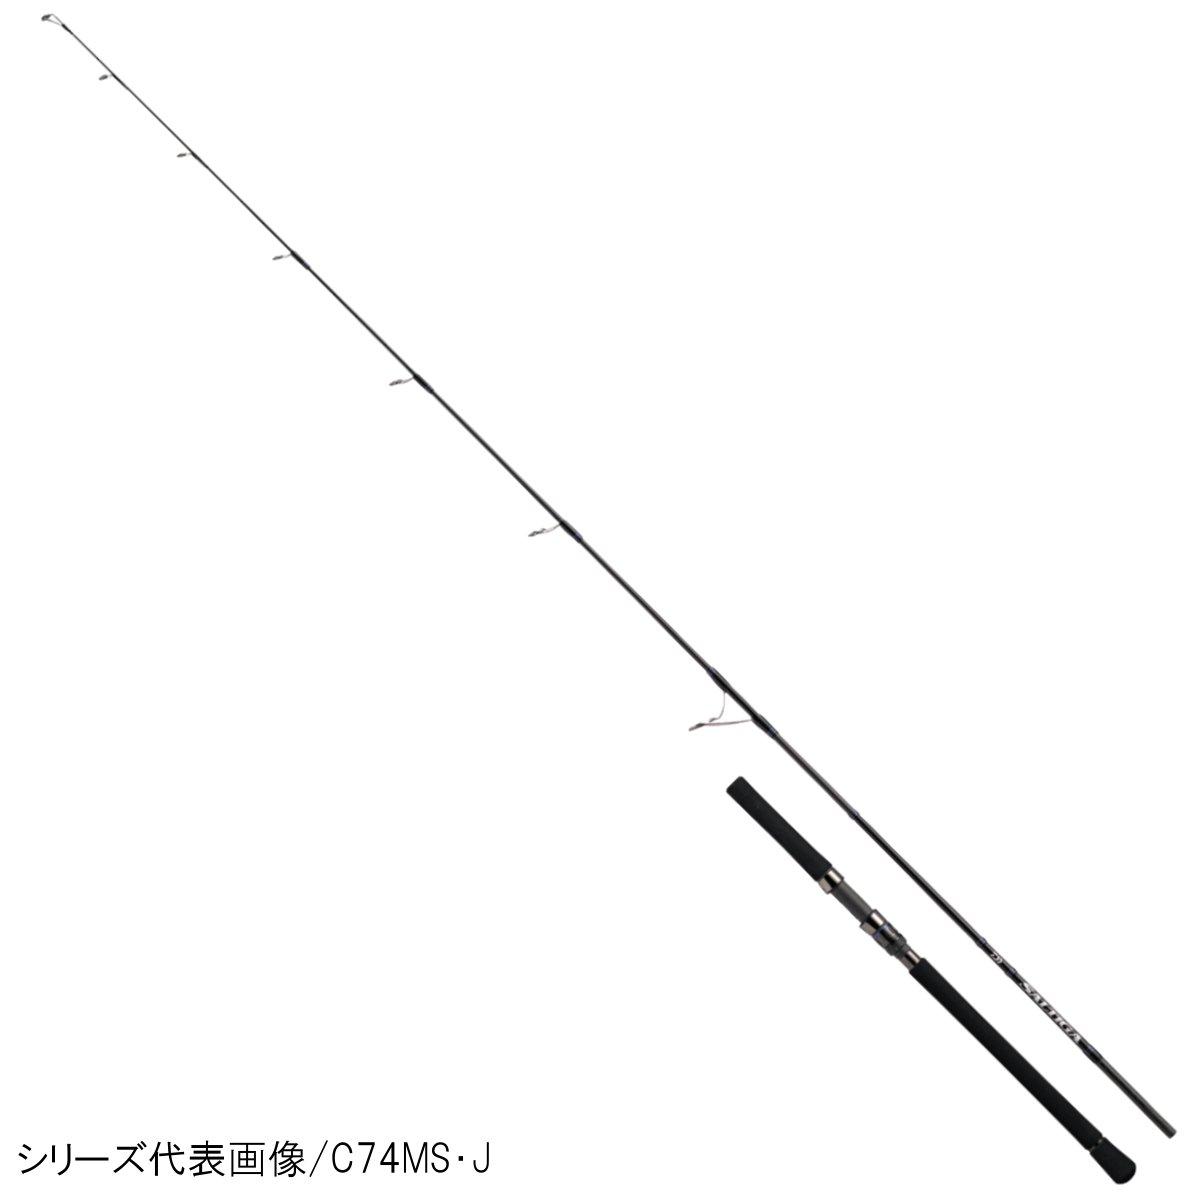 ダイワ ソルティガ C71MLS・J【大型商品】【送料無料】